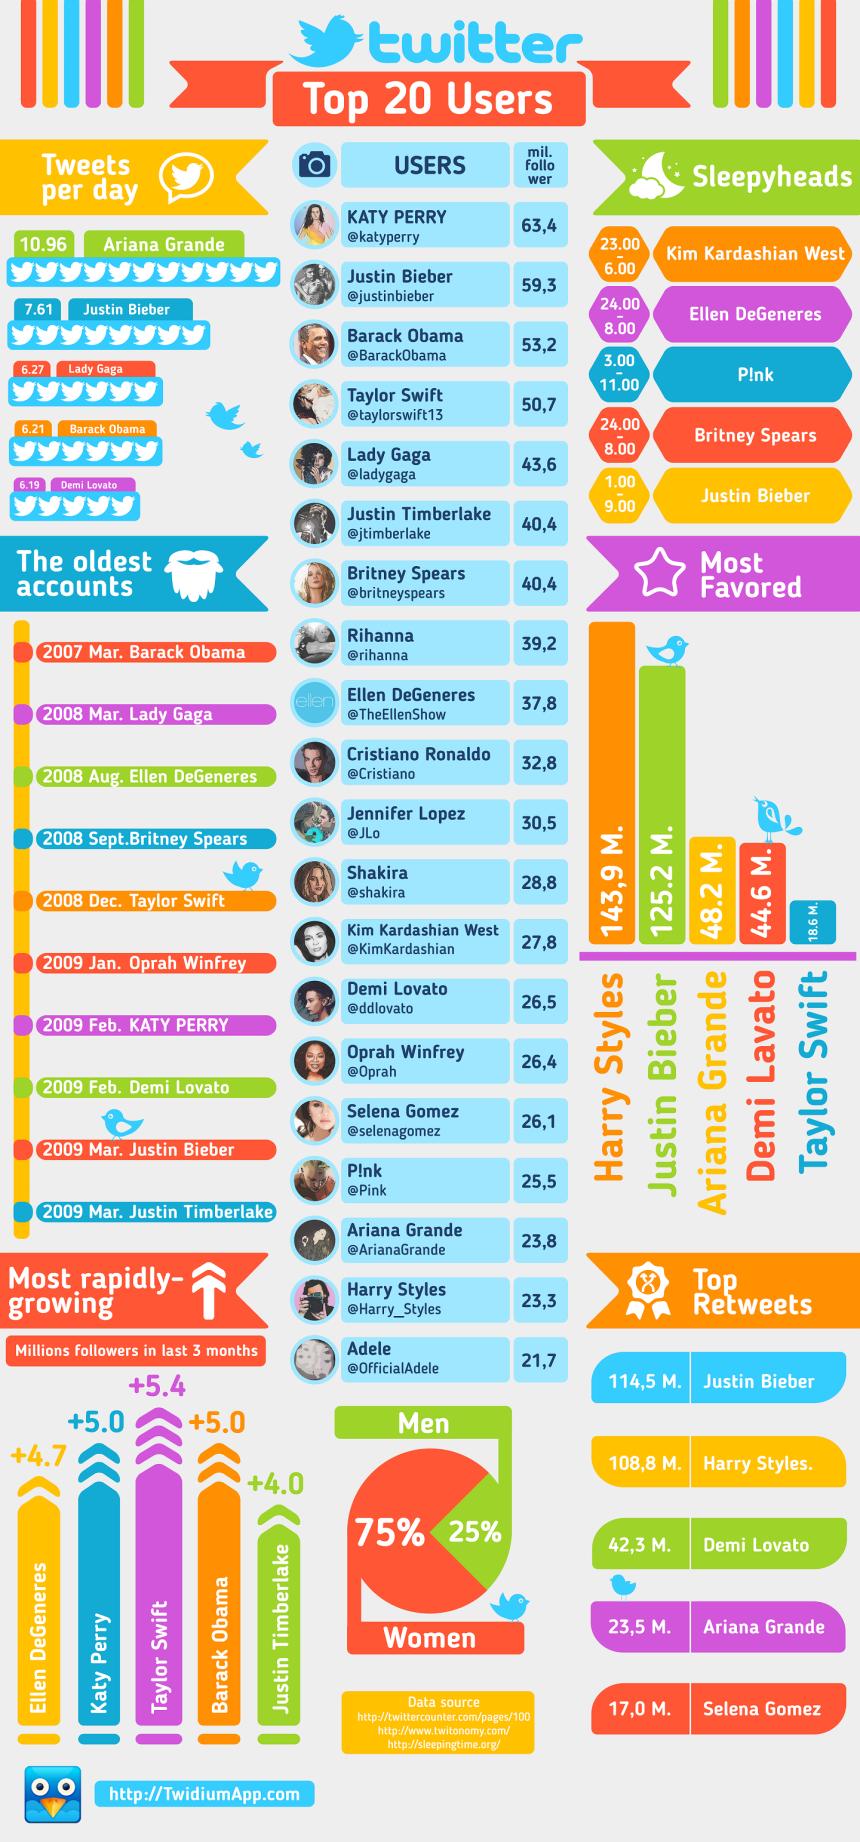 Top 20 usuarios de Twitter en 2014